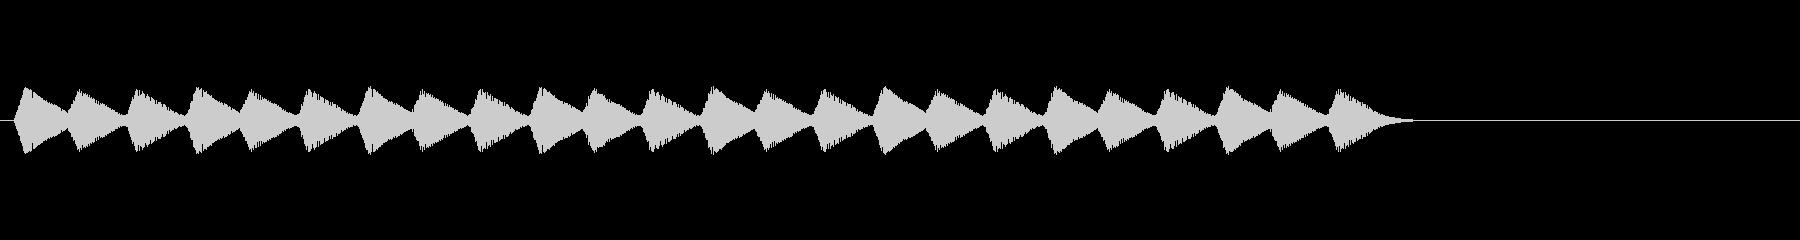 【ショートブリッジ08-2】の未再生の波形